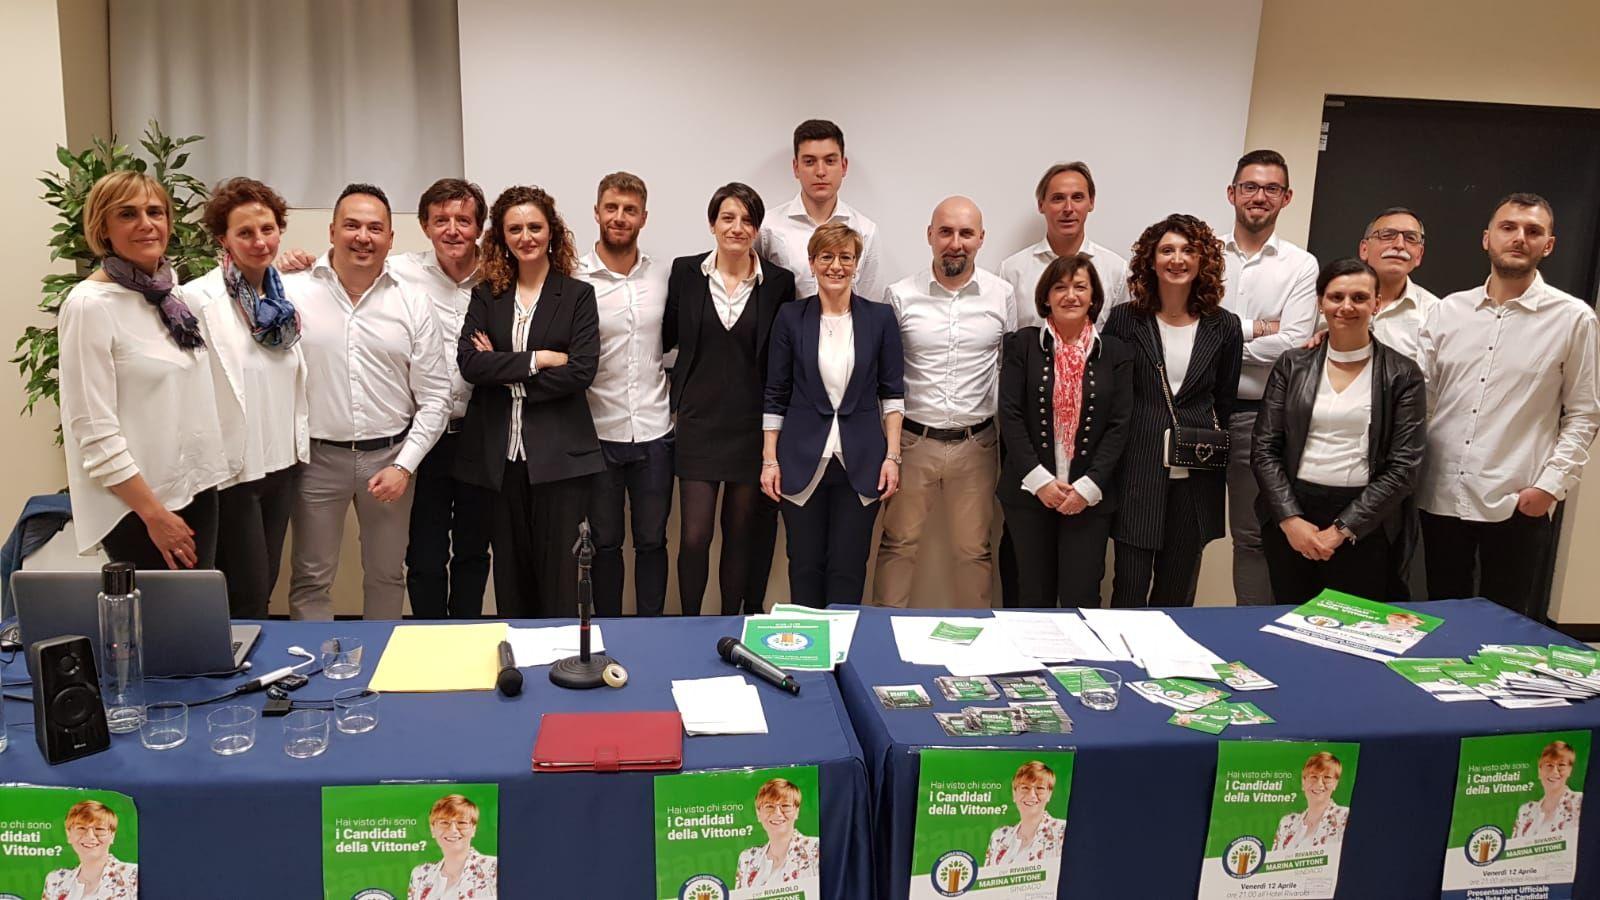 ELEZIONI RIVAROLO - Marina Vittone presenta la sua squadra: «Tante competenze al servizio della città» - FOTO